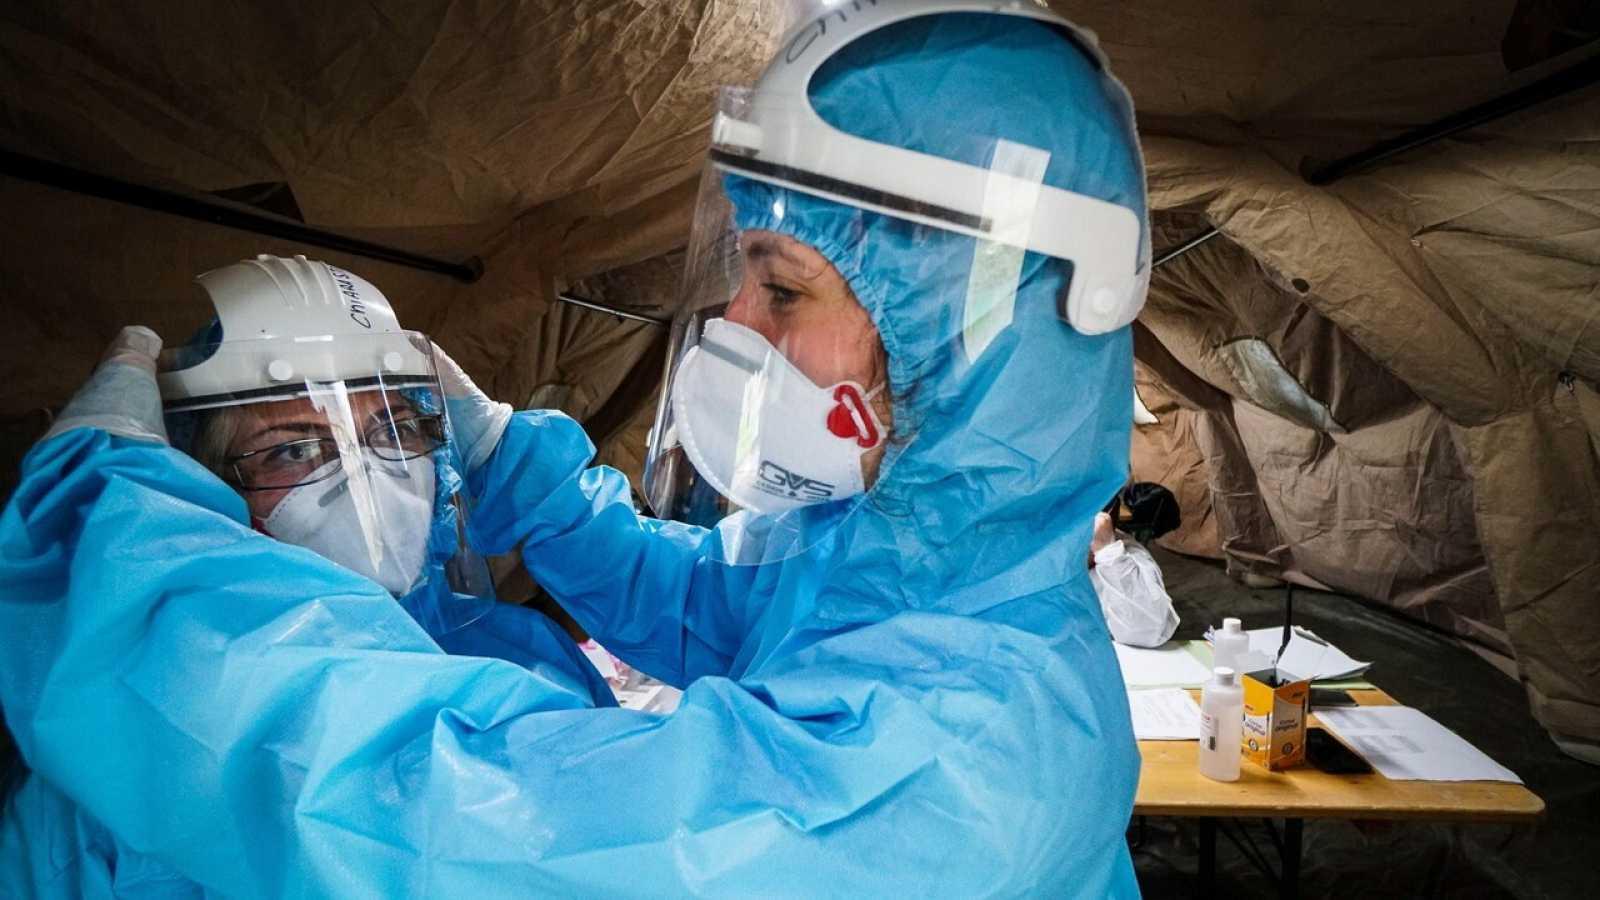 El Ejército italiano lleva a cabo tests de coronavirus en Caserta, Italia. EFE/EPA/CESARE ABBATE